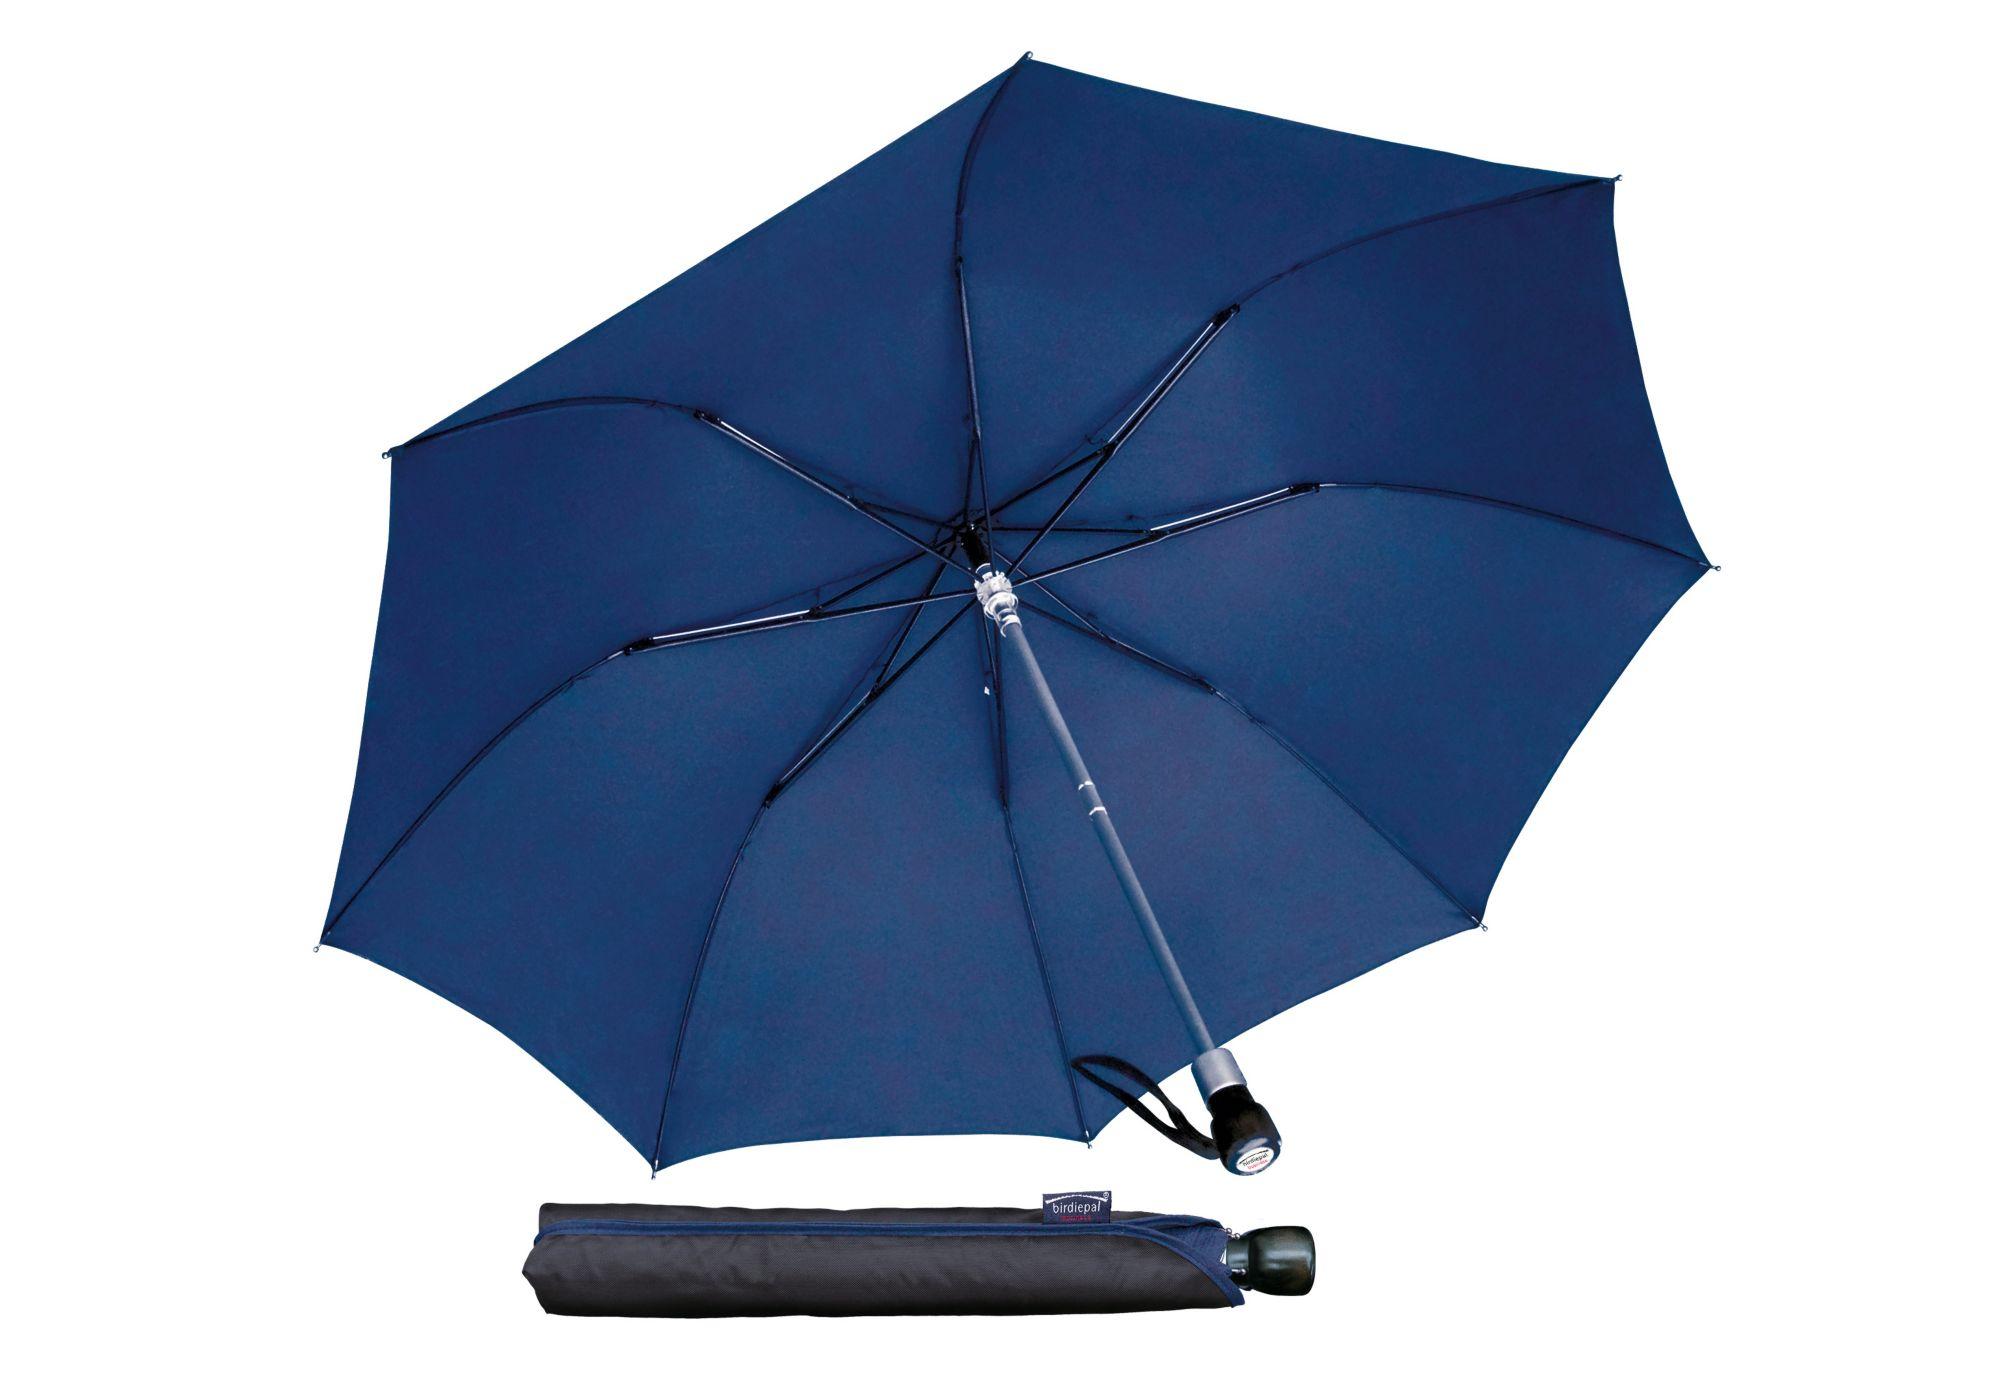 EUROSCHIRM® Euroschirm® Regenschirm für Herren, »birdiepal® business«